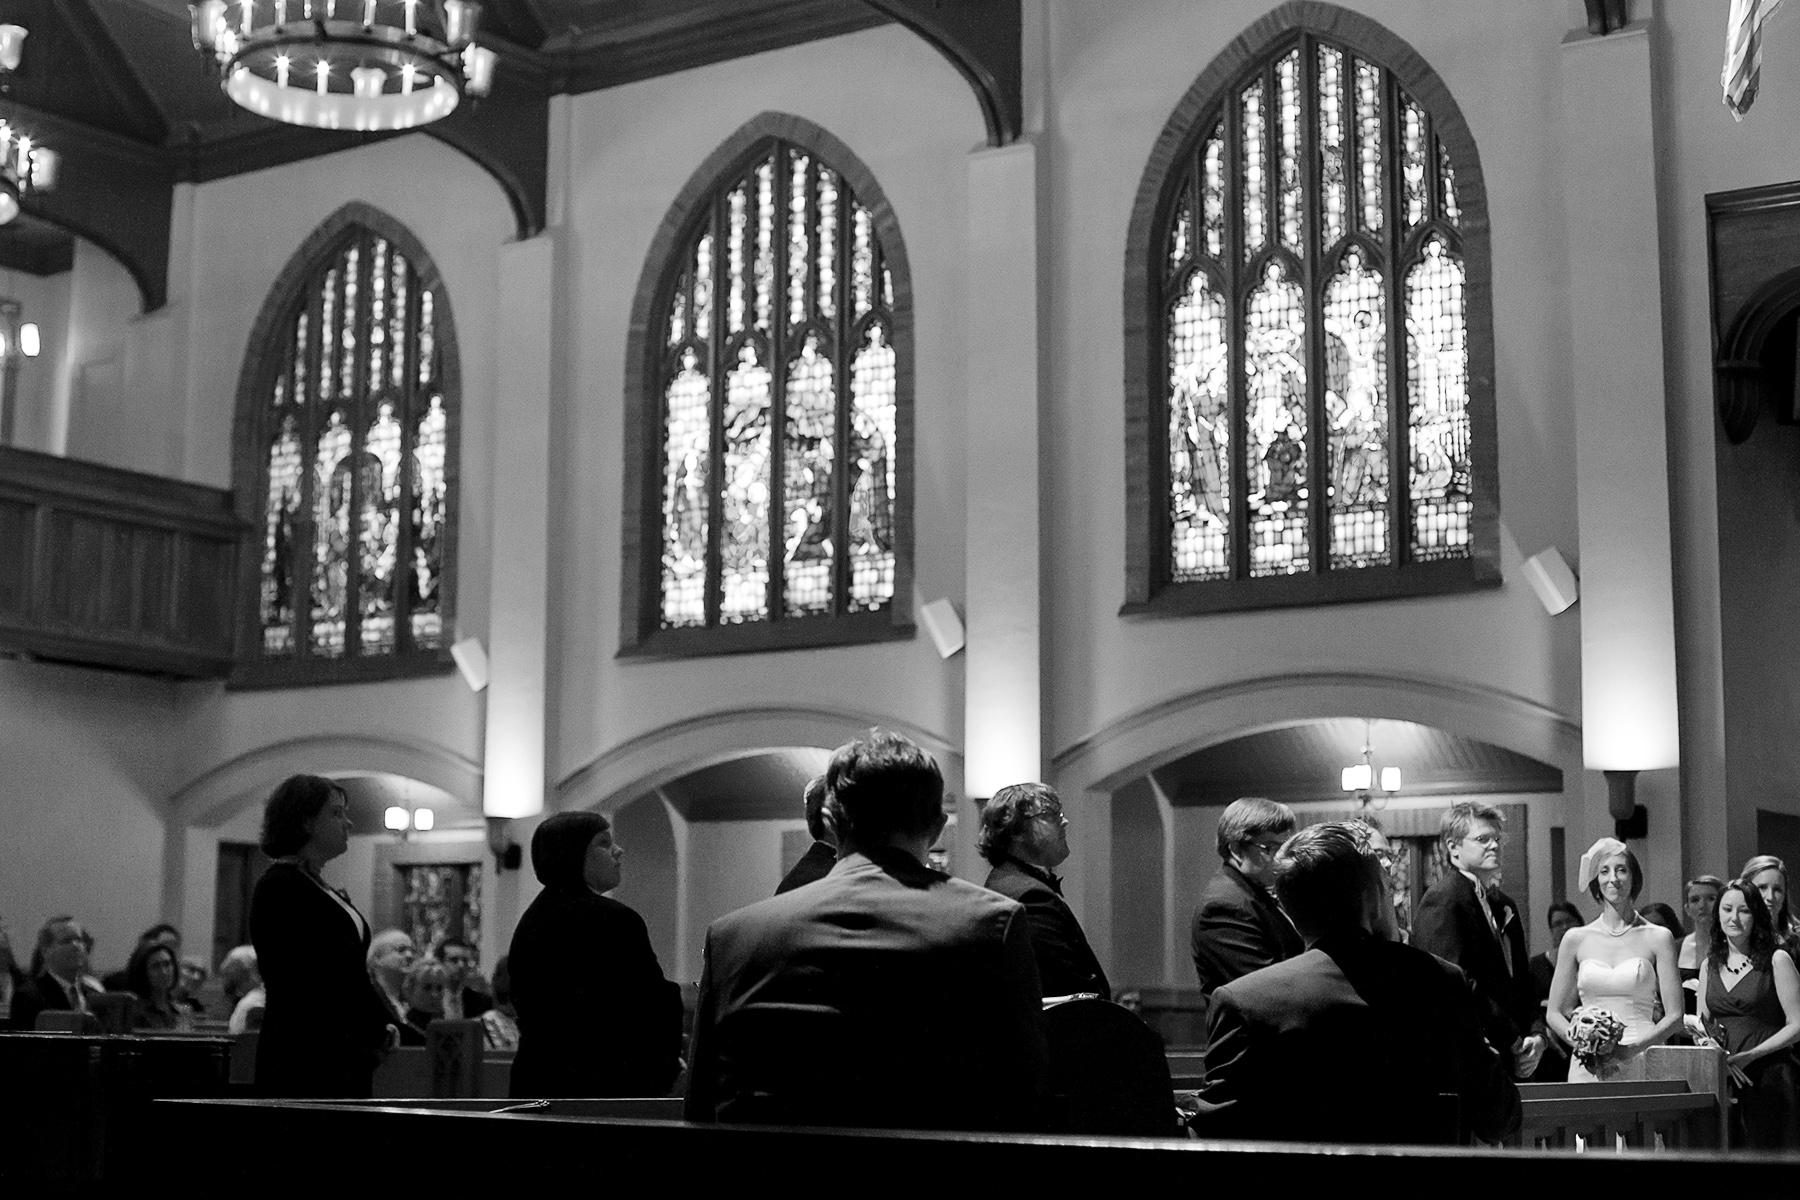 Grace United Methodist Church - Photo de mariage à Atlanta en BW | Le meilleur ami de la mariée du séminaire donne l'homélie lors de la cérémonie